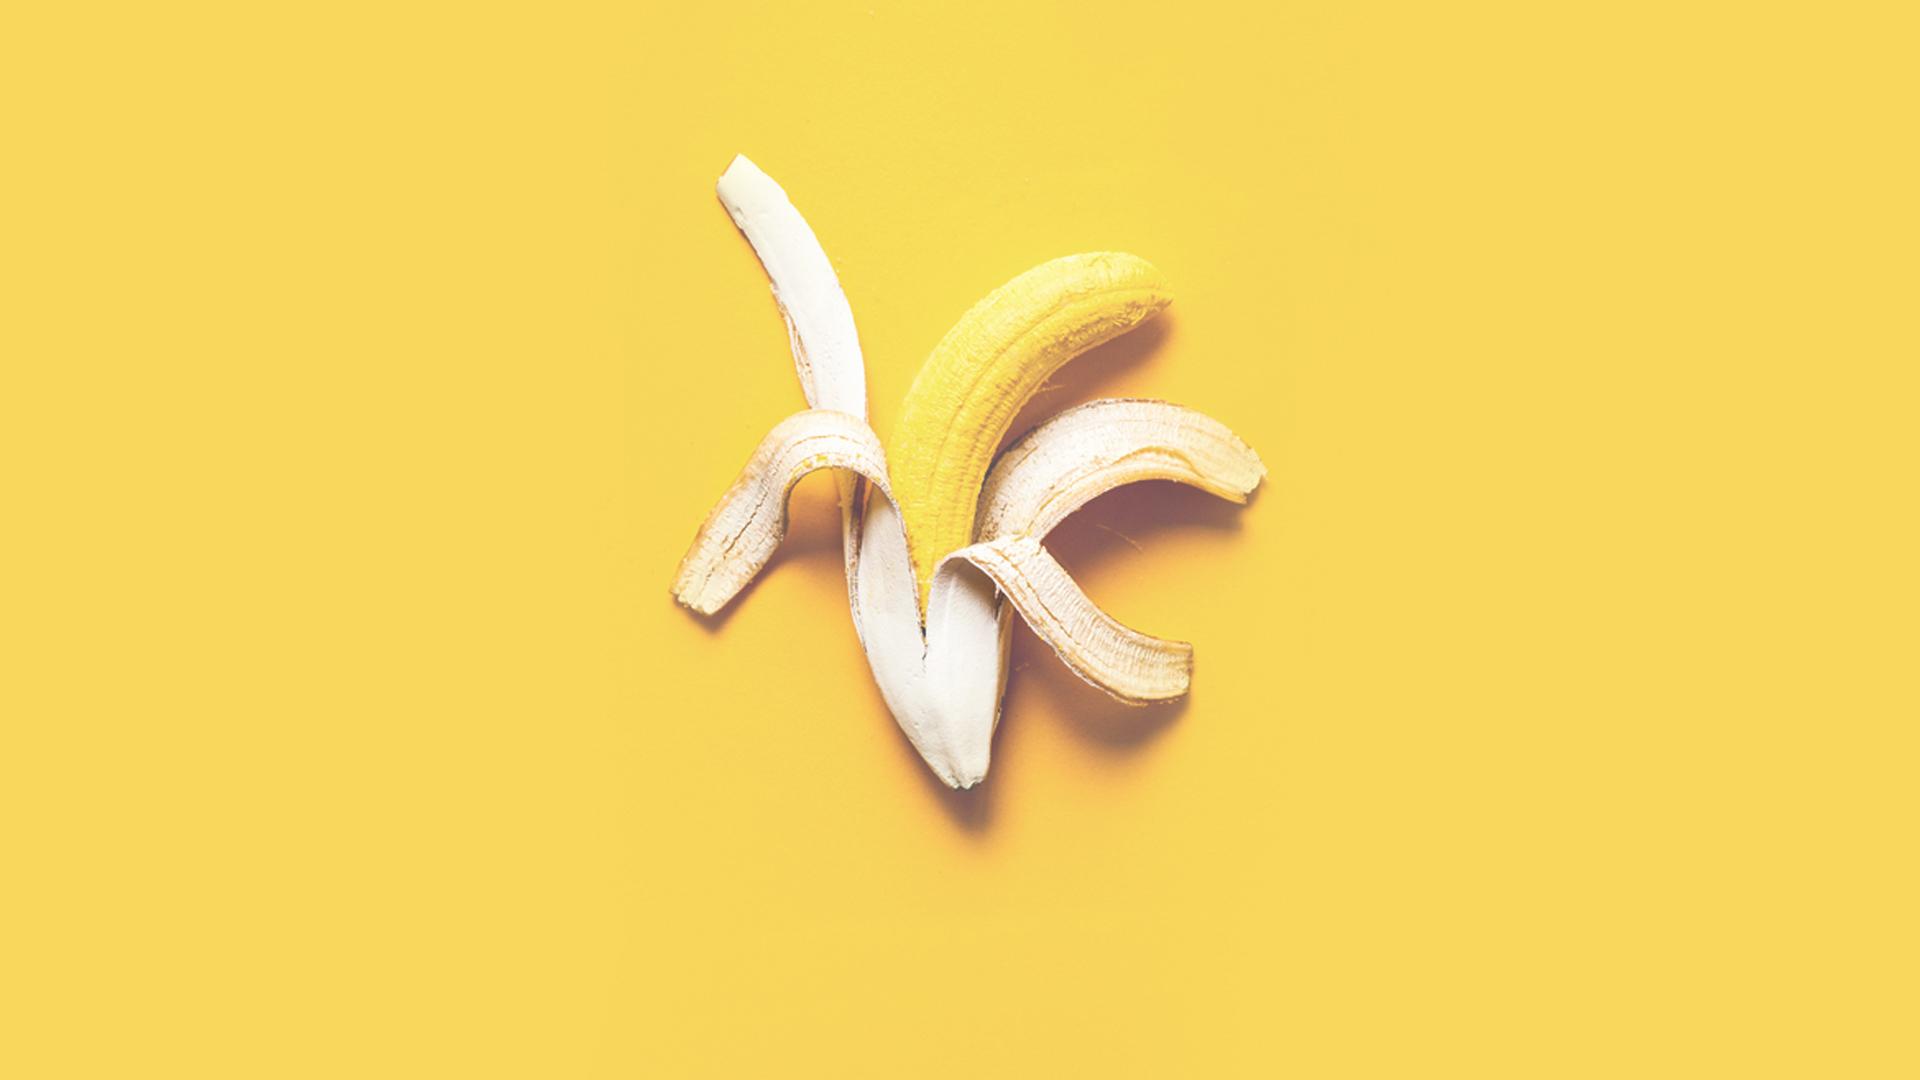 Yellow banana in white peel